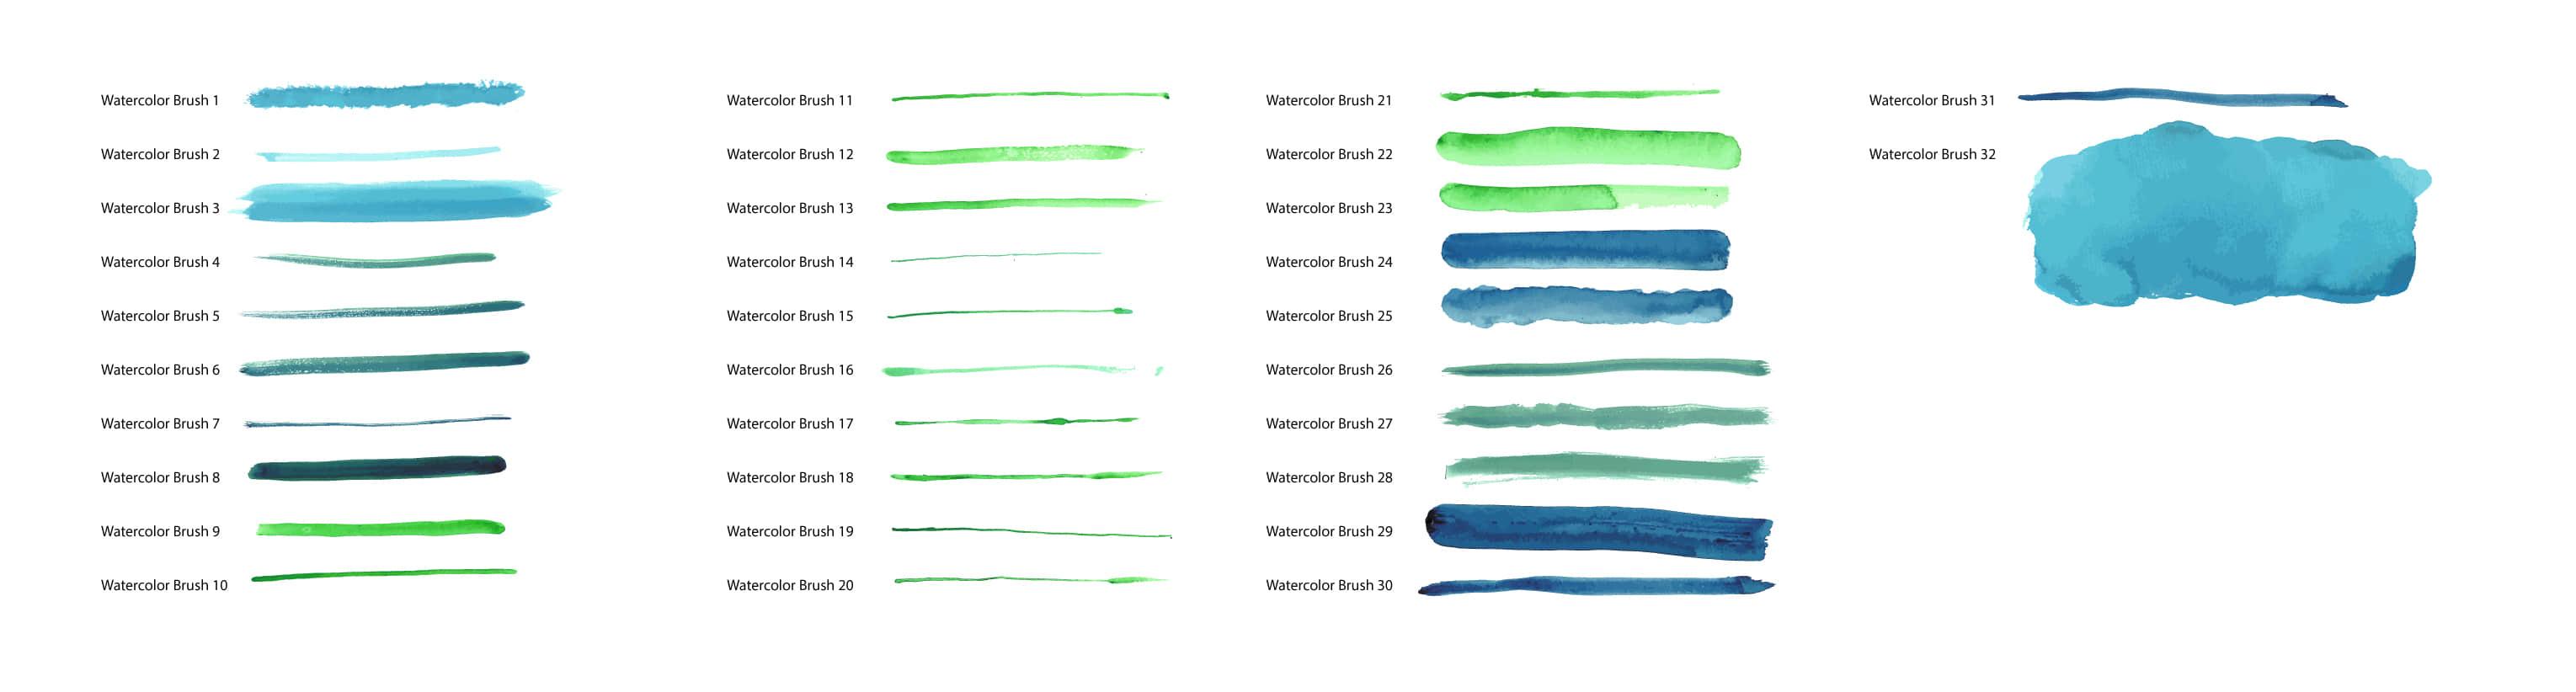 32种水彩、水笔、水墨划痕效果Photoshop笔刷素材下载